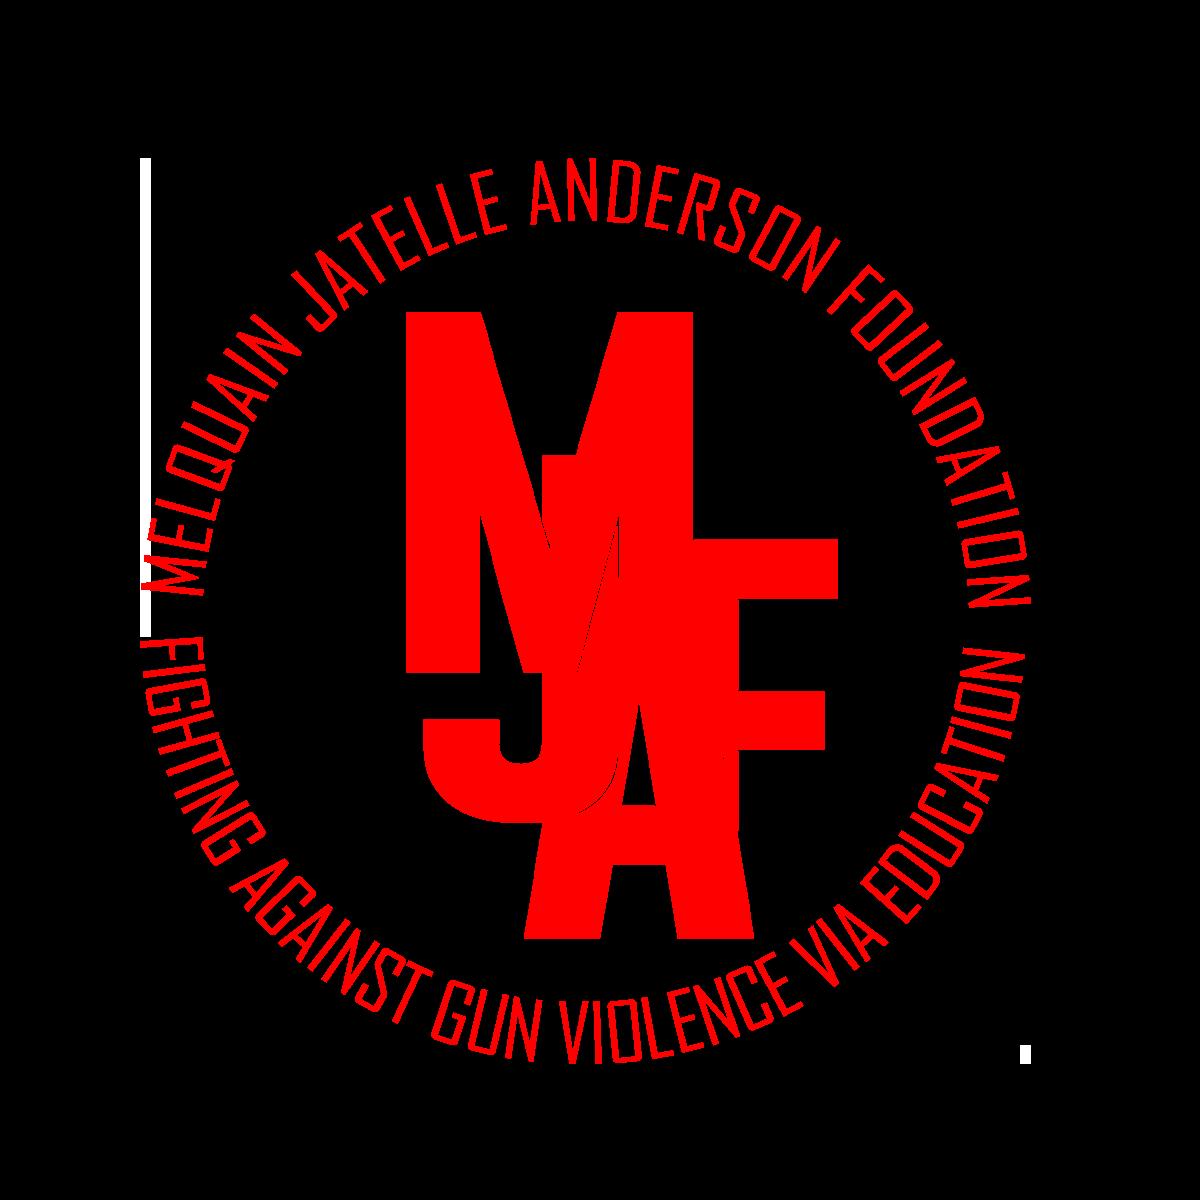 MJAF logo